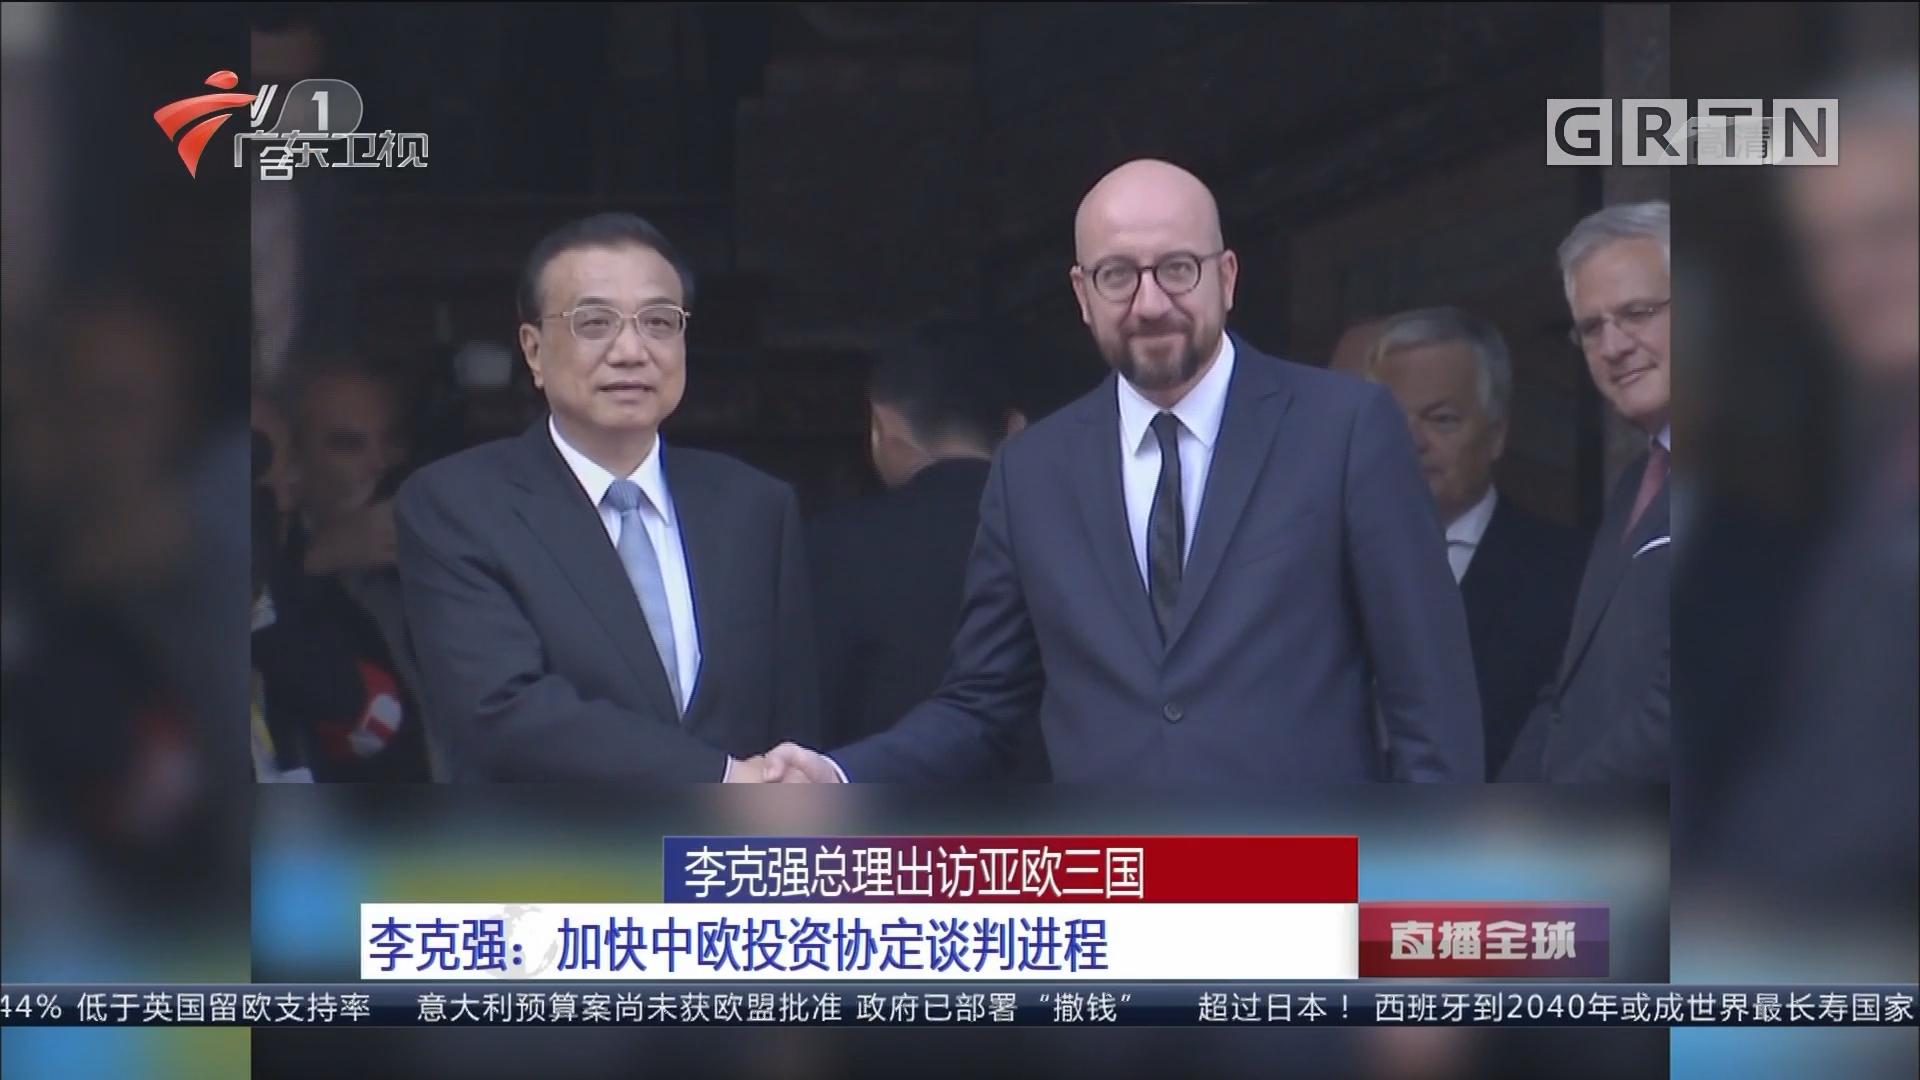 李克强总理出访亚欧三国 上合联合公报:反对任何形式的单边主义和贸易保护主义